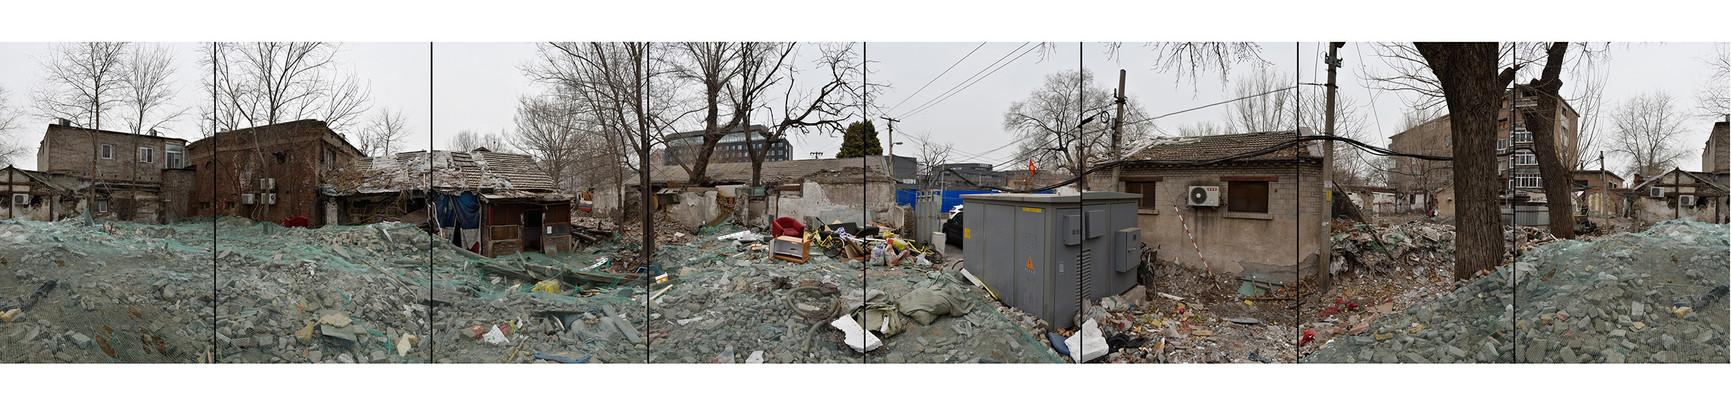 北京废墟11.jpg